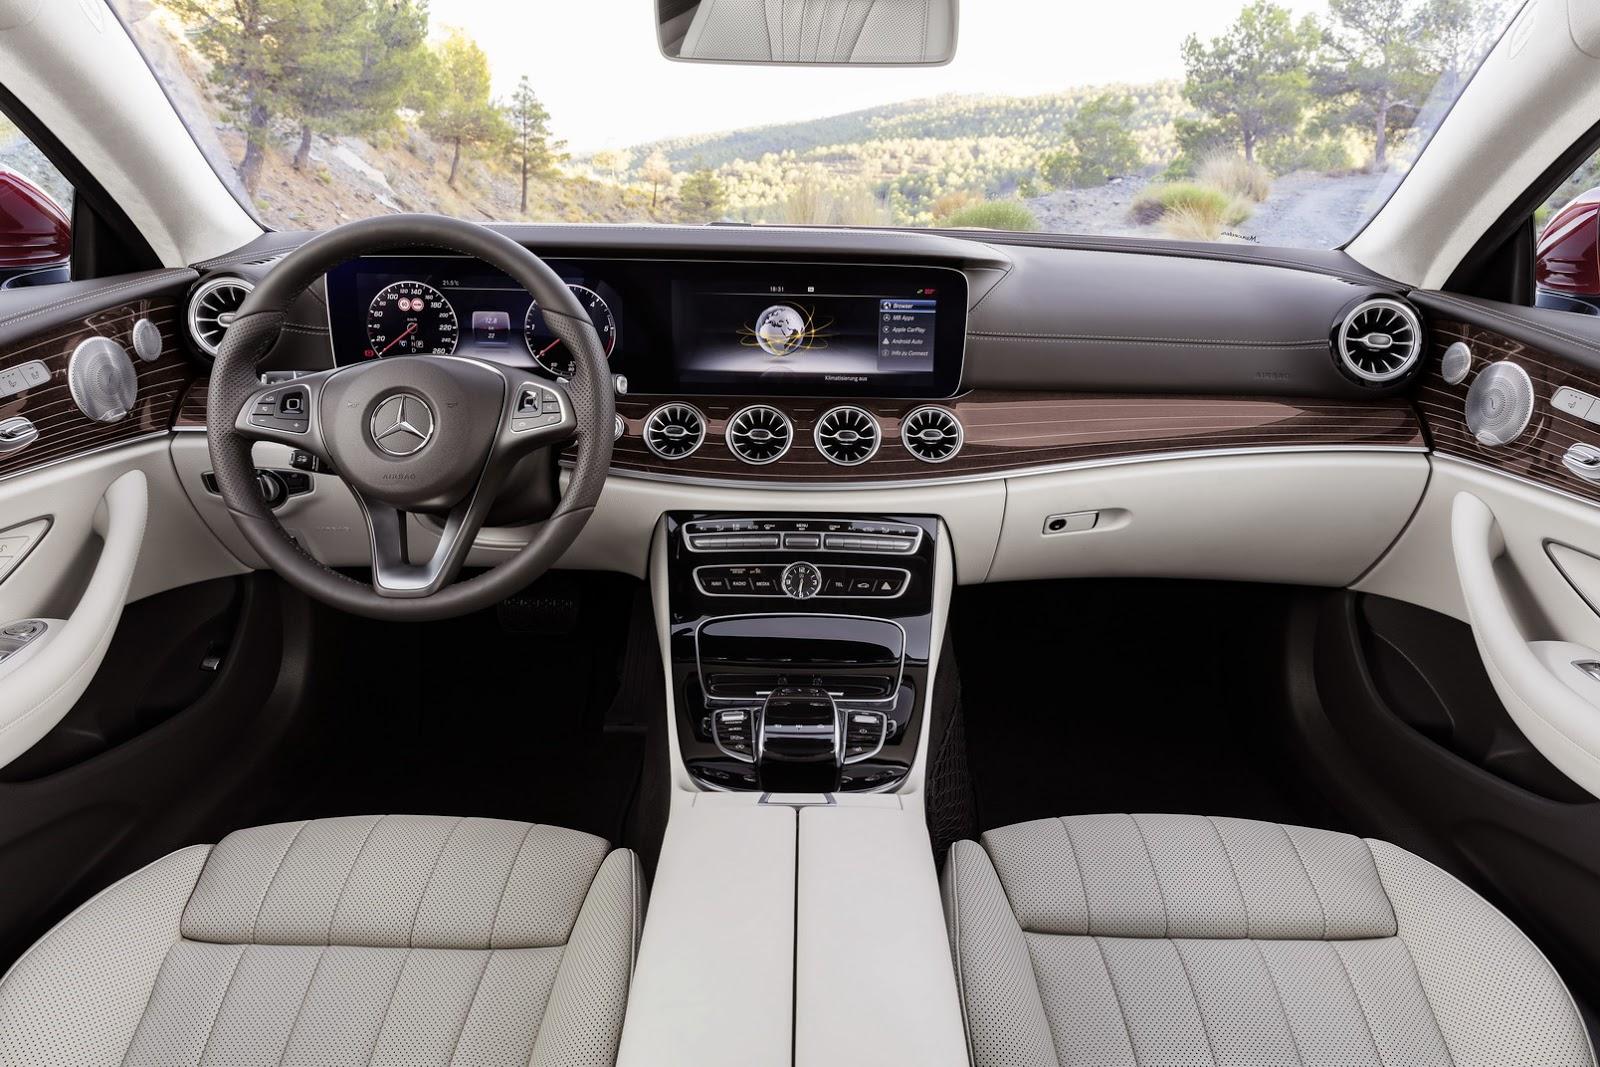 Mercedes-Benz E-klasse V (W213, S213, C238) 2016 - now Coupe #3